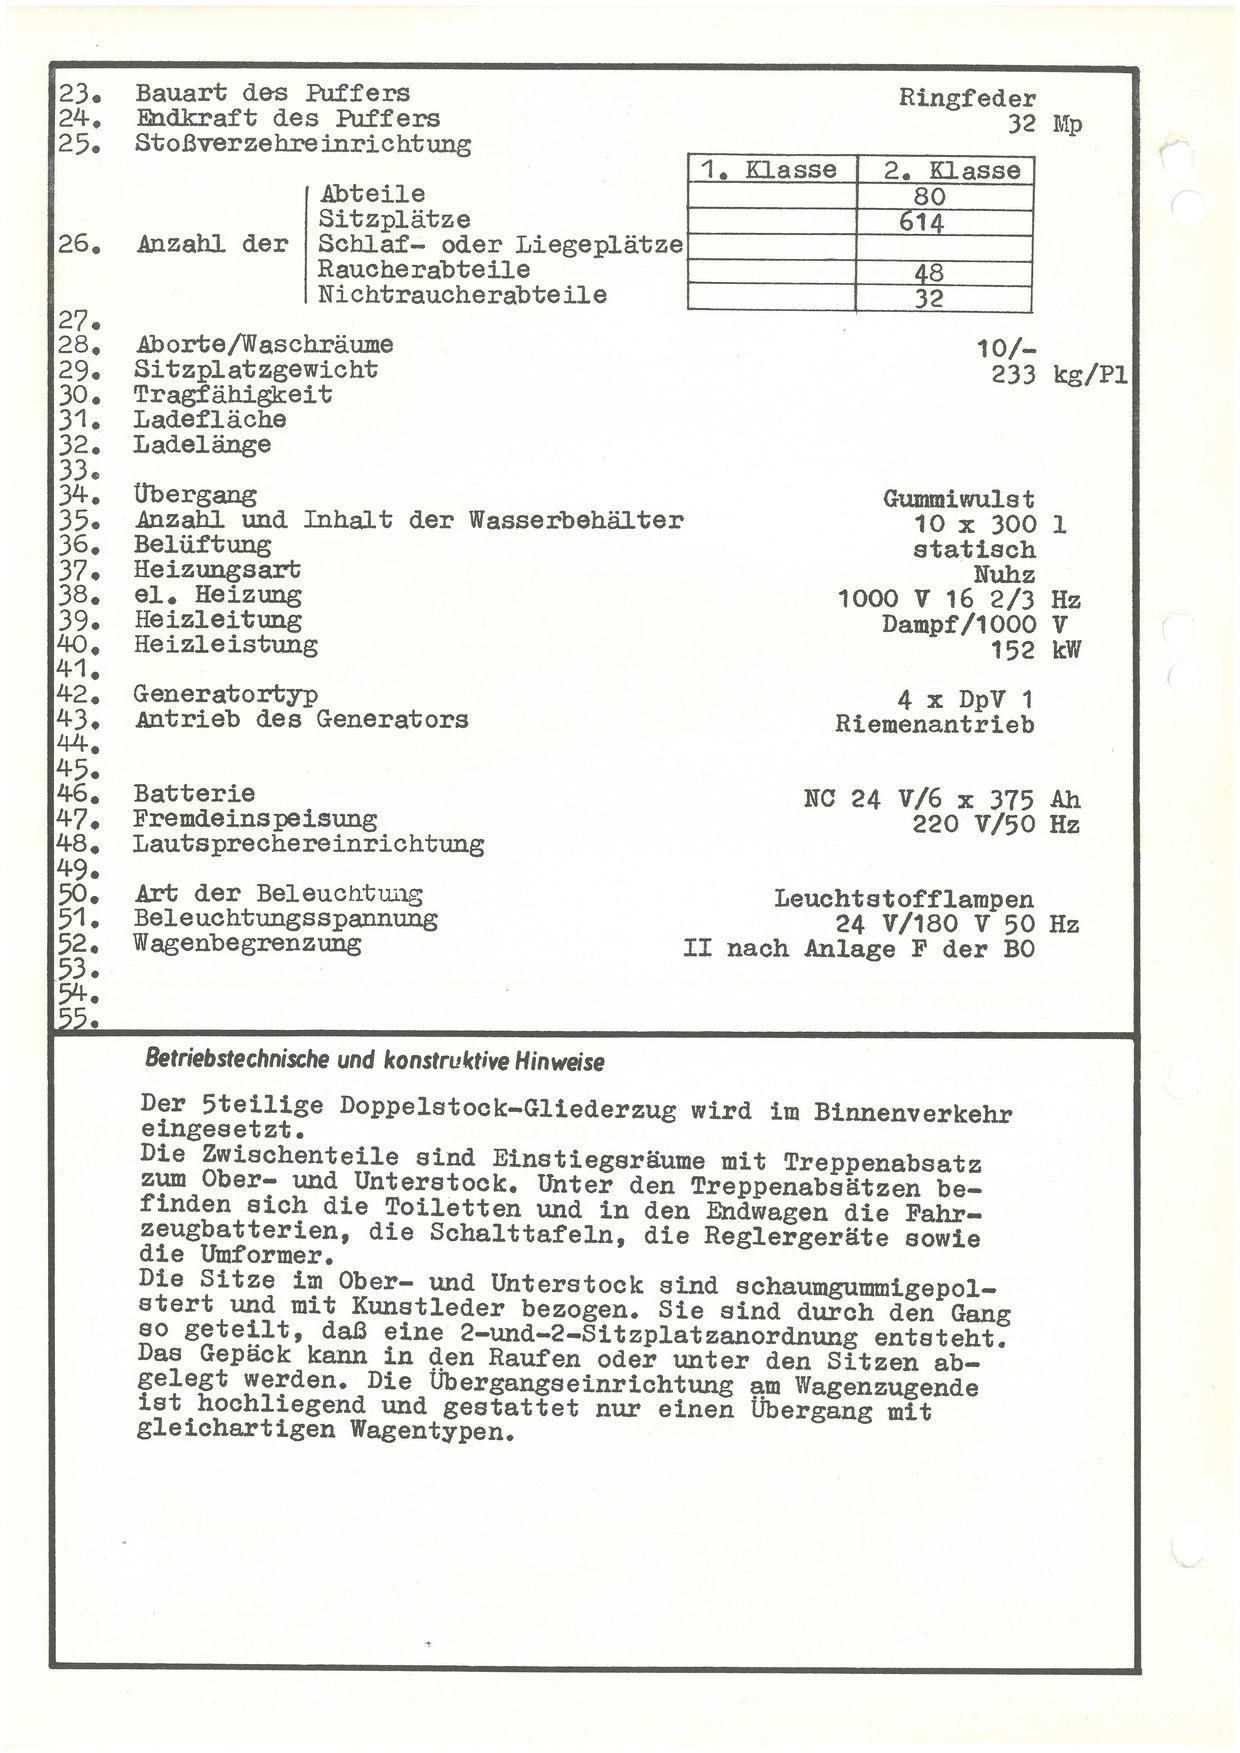 http://www.die-spreewaldbahn.de/spezial/939d/DV939dx0018xS2-ber3.jpg